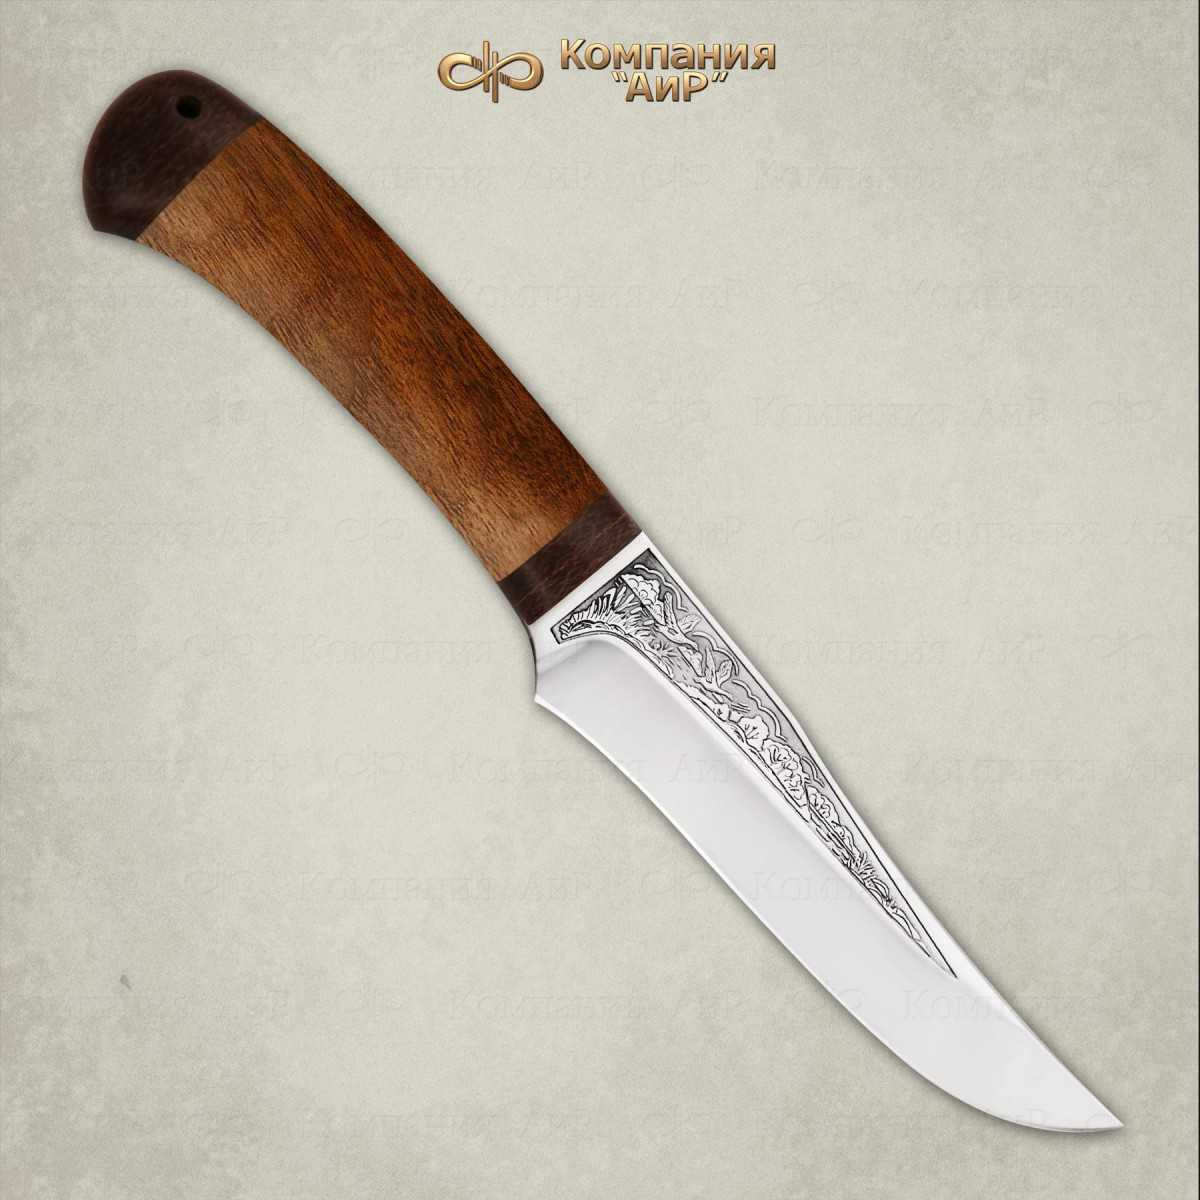 Нож Восток, дерево, 100х13мНожи Златоуст<br>Небольшой универсальный, легкий и прочный нож склинком ятаганной формы, имеющим вогнутые линзовидные спуски от середины ширины клинка. Клинок с толщиной обуха в 3 мм имеет широкую голомень, что придает ему дополнительную прочность. Удобная форма рукояти позволяетуверенно работать ножом. А пята клинка, заменяющая упор, не дает соскользнуть пальцам при резах от себя. Монтаж клинка сквозной, неразборный. Хороший выбор для большинства видов работы в лесу.<br>В комплекте:<br><br>кожаные ножны<br>сертификат соответствия о том, что нож не является холодным оружием<br>паспорт изделия<br>мягкий текстильный кейс с логотипом компании<br>